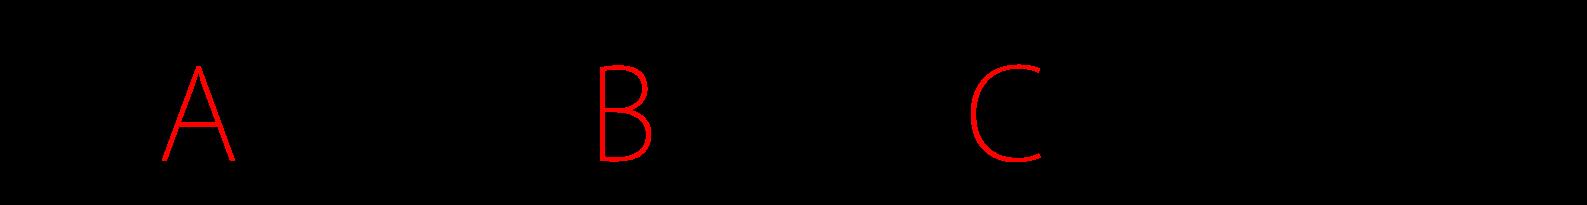 レター画像作成用_7675_image011